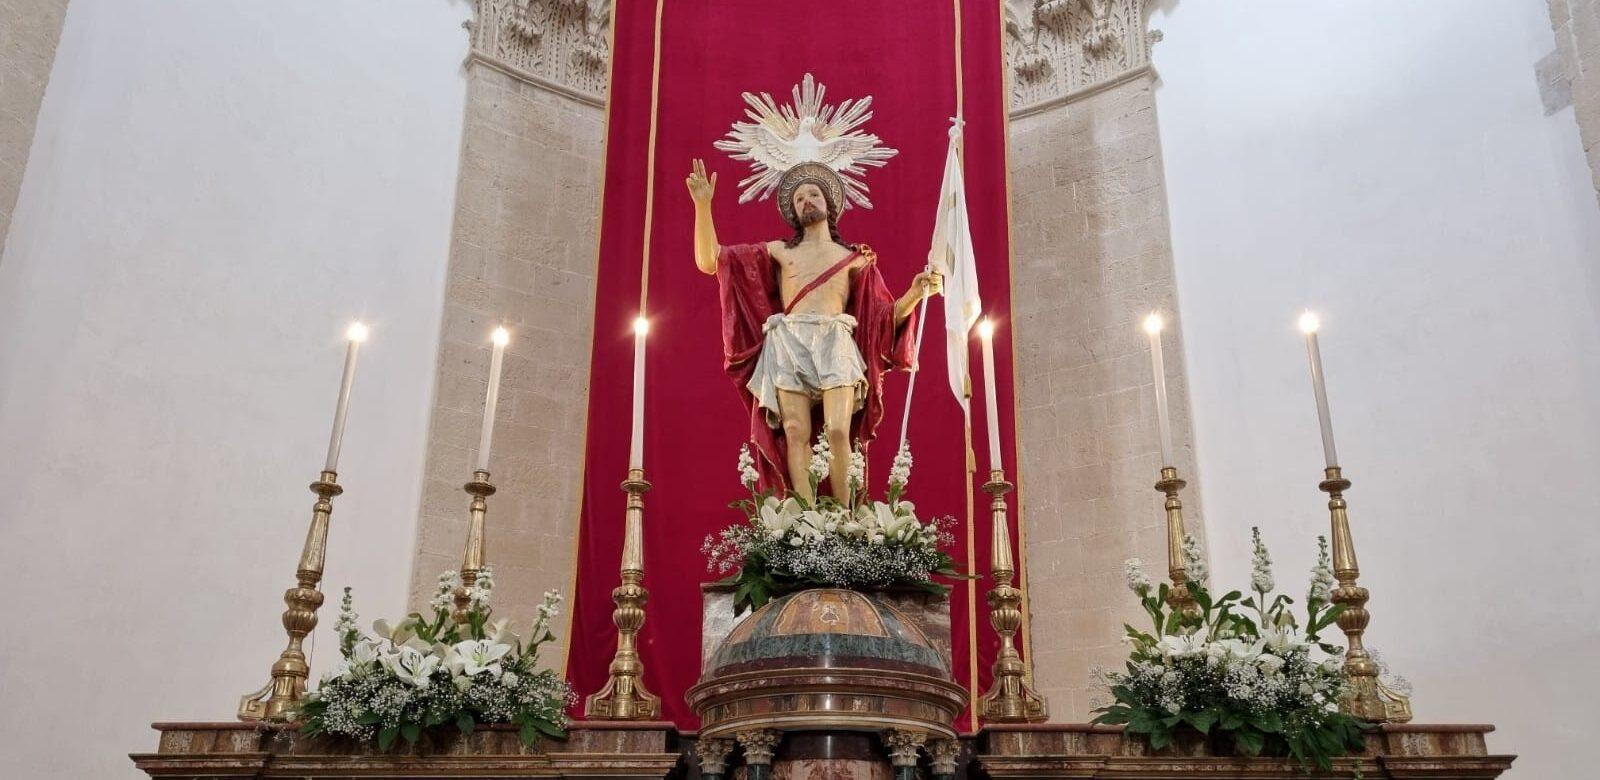 La nostra fede è gioia: non abbiate paura! Il messaggio di Pasqua di Don Rosario Sultana alla Parrocchia